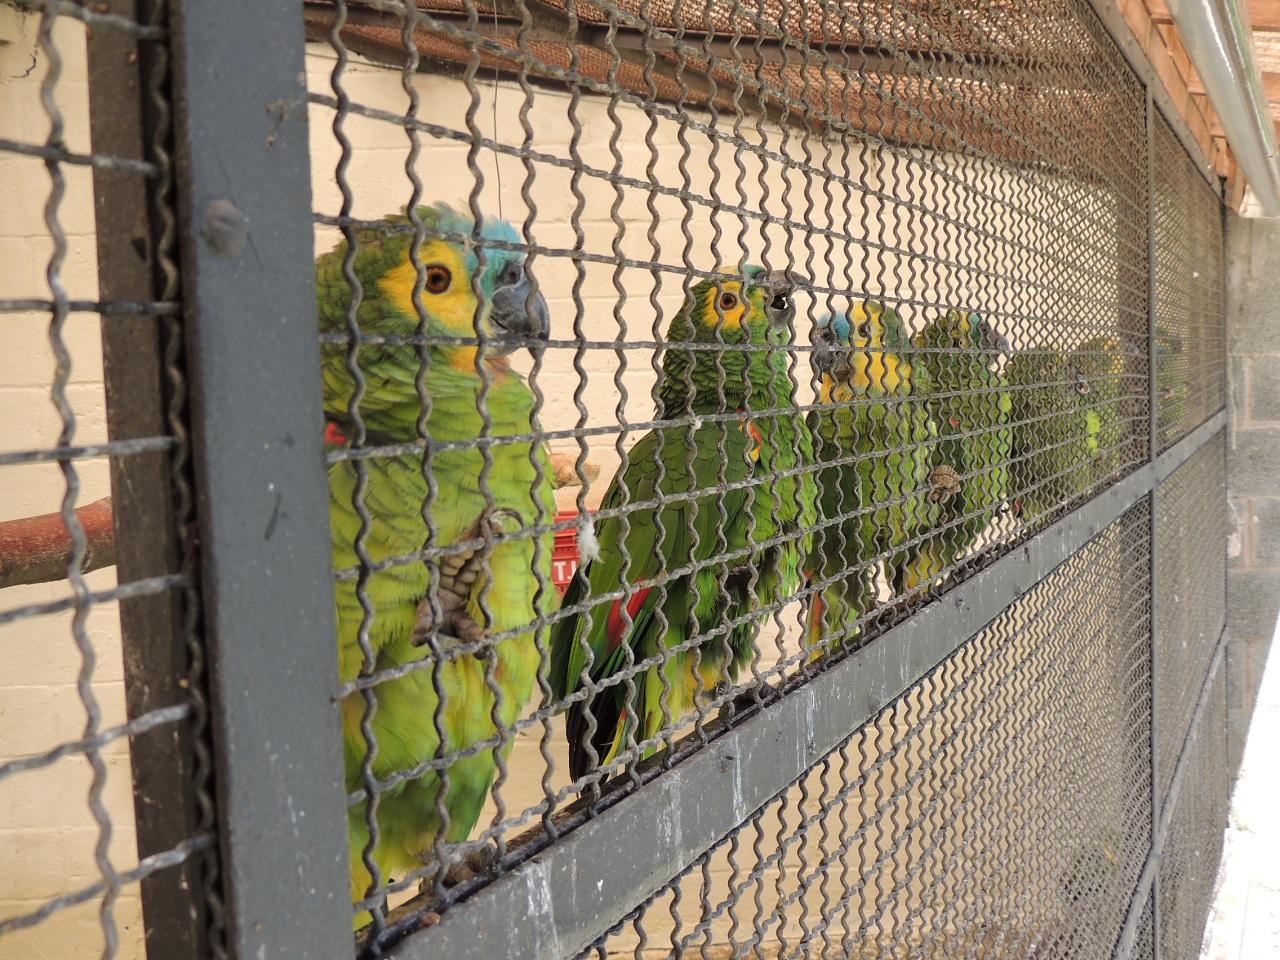 [ブラジルで保護された鳥たちの野生復帰にご協力ください]の画像